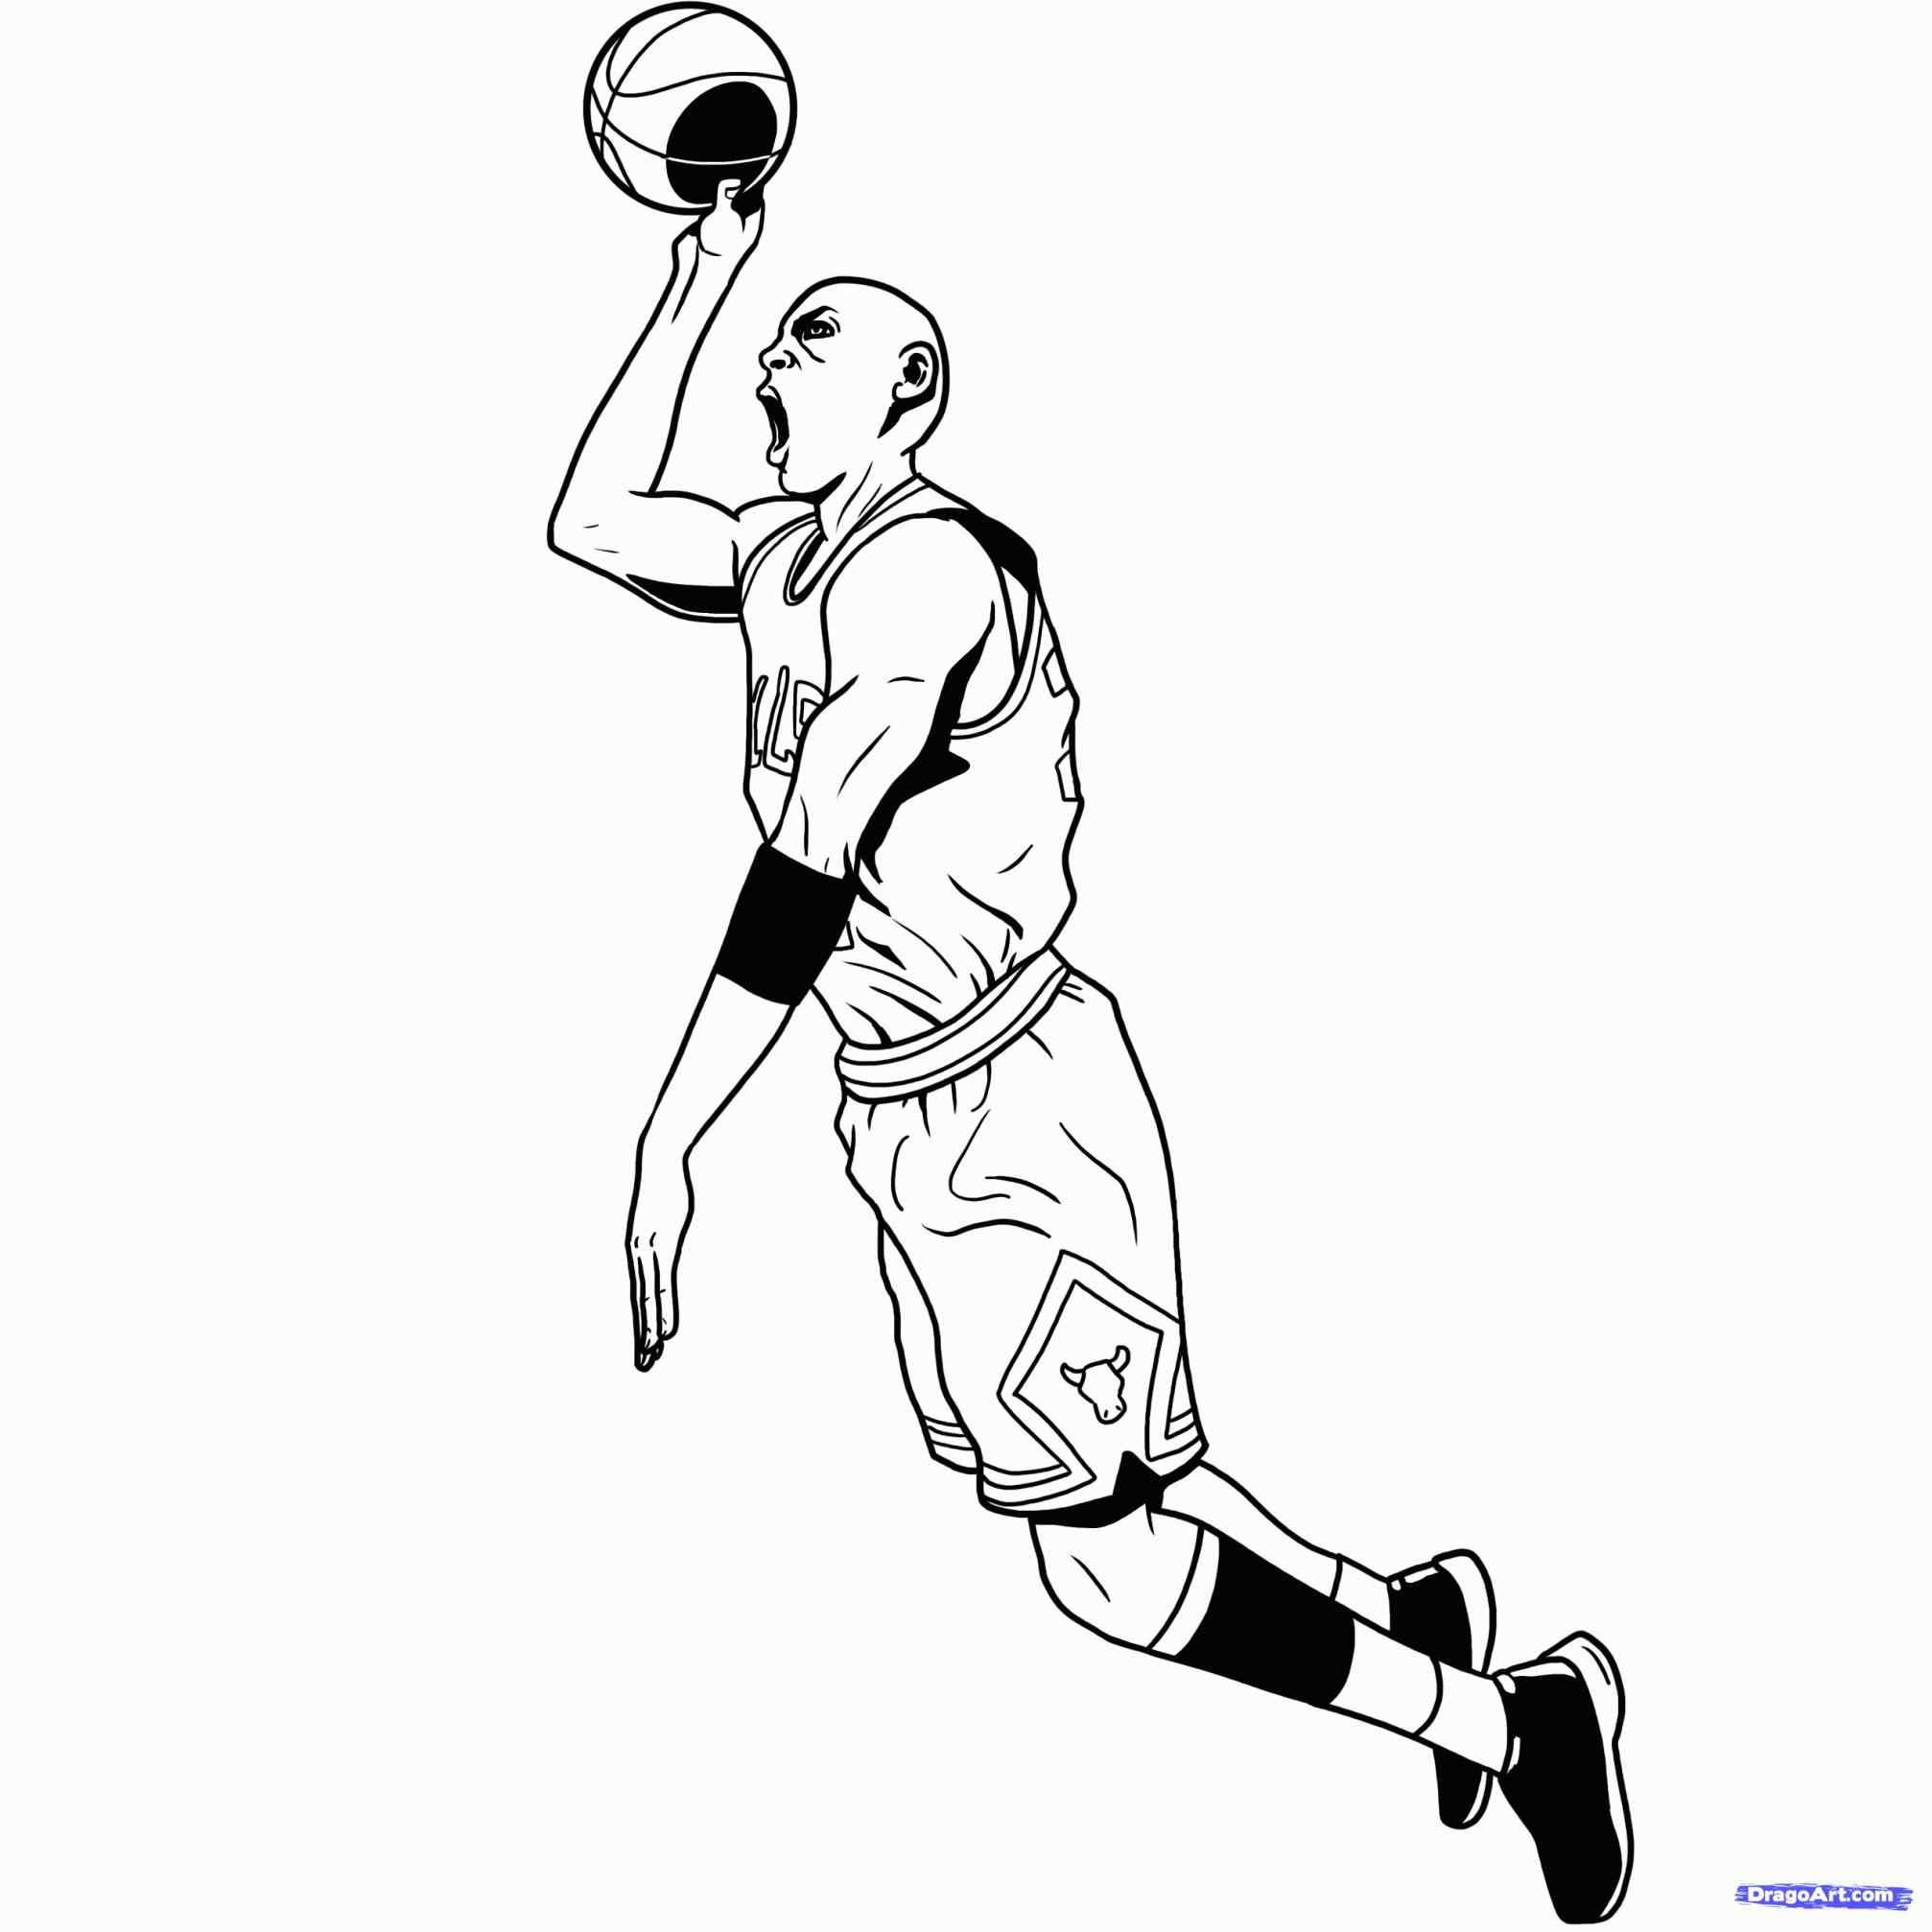 2014x2014 Air Jordan Dunk Drawing